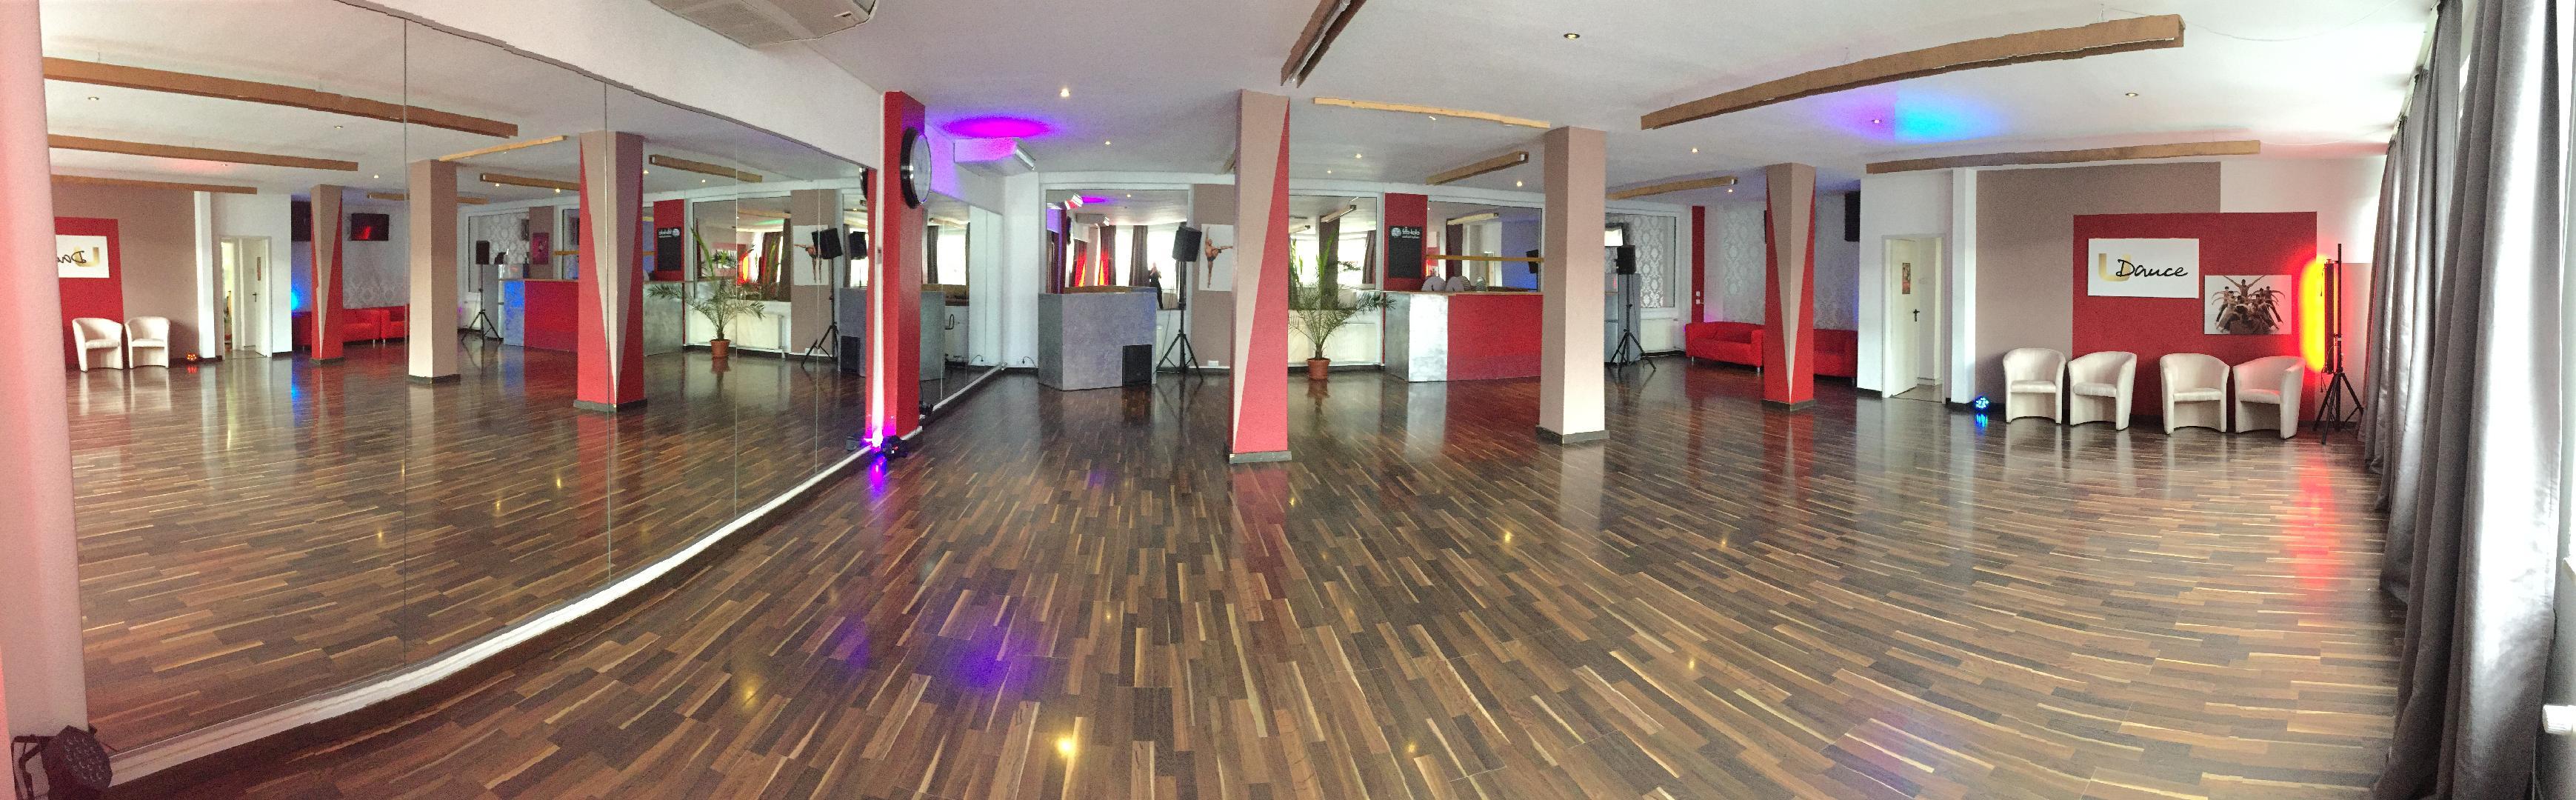 Bild 2 von Tanzraum